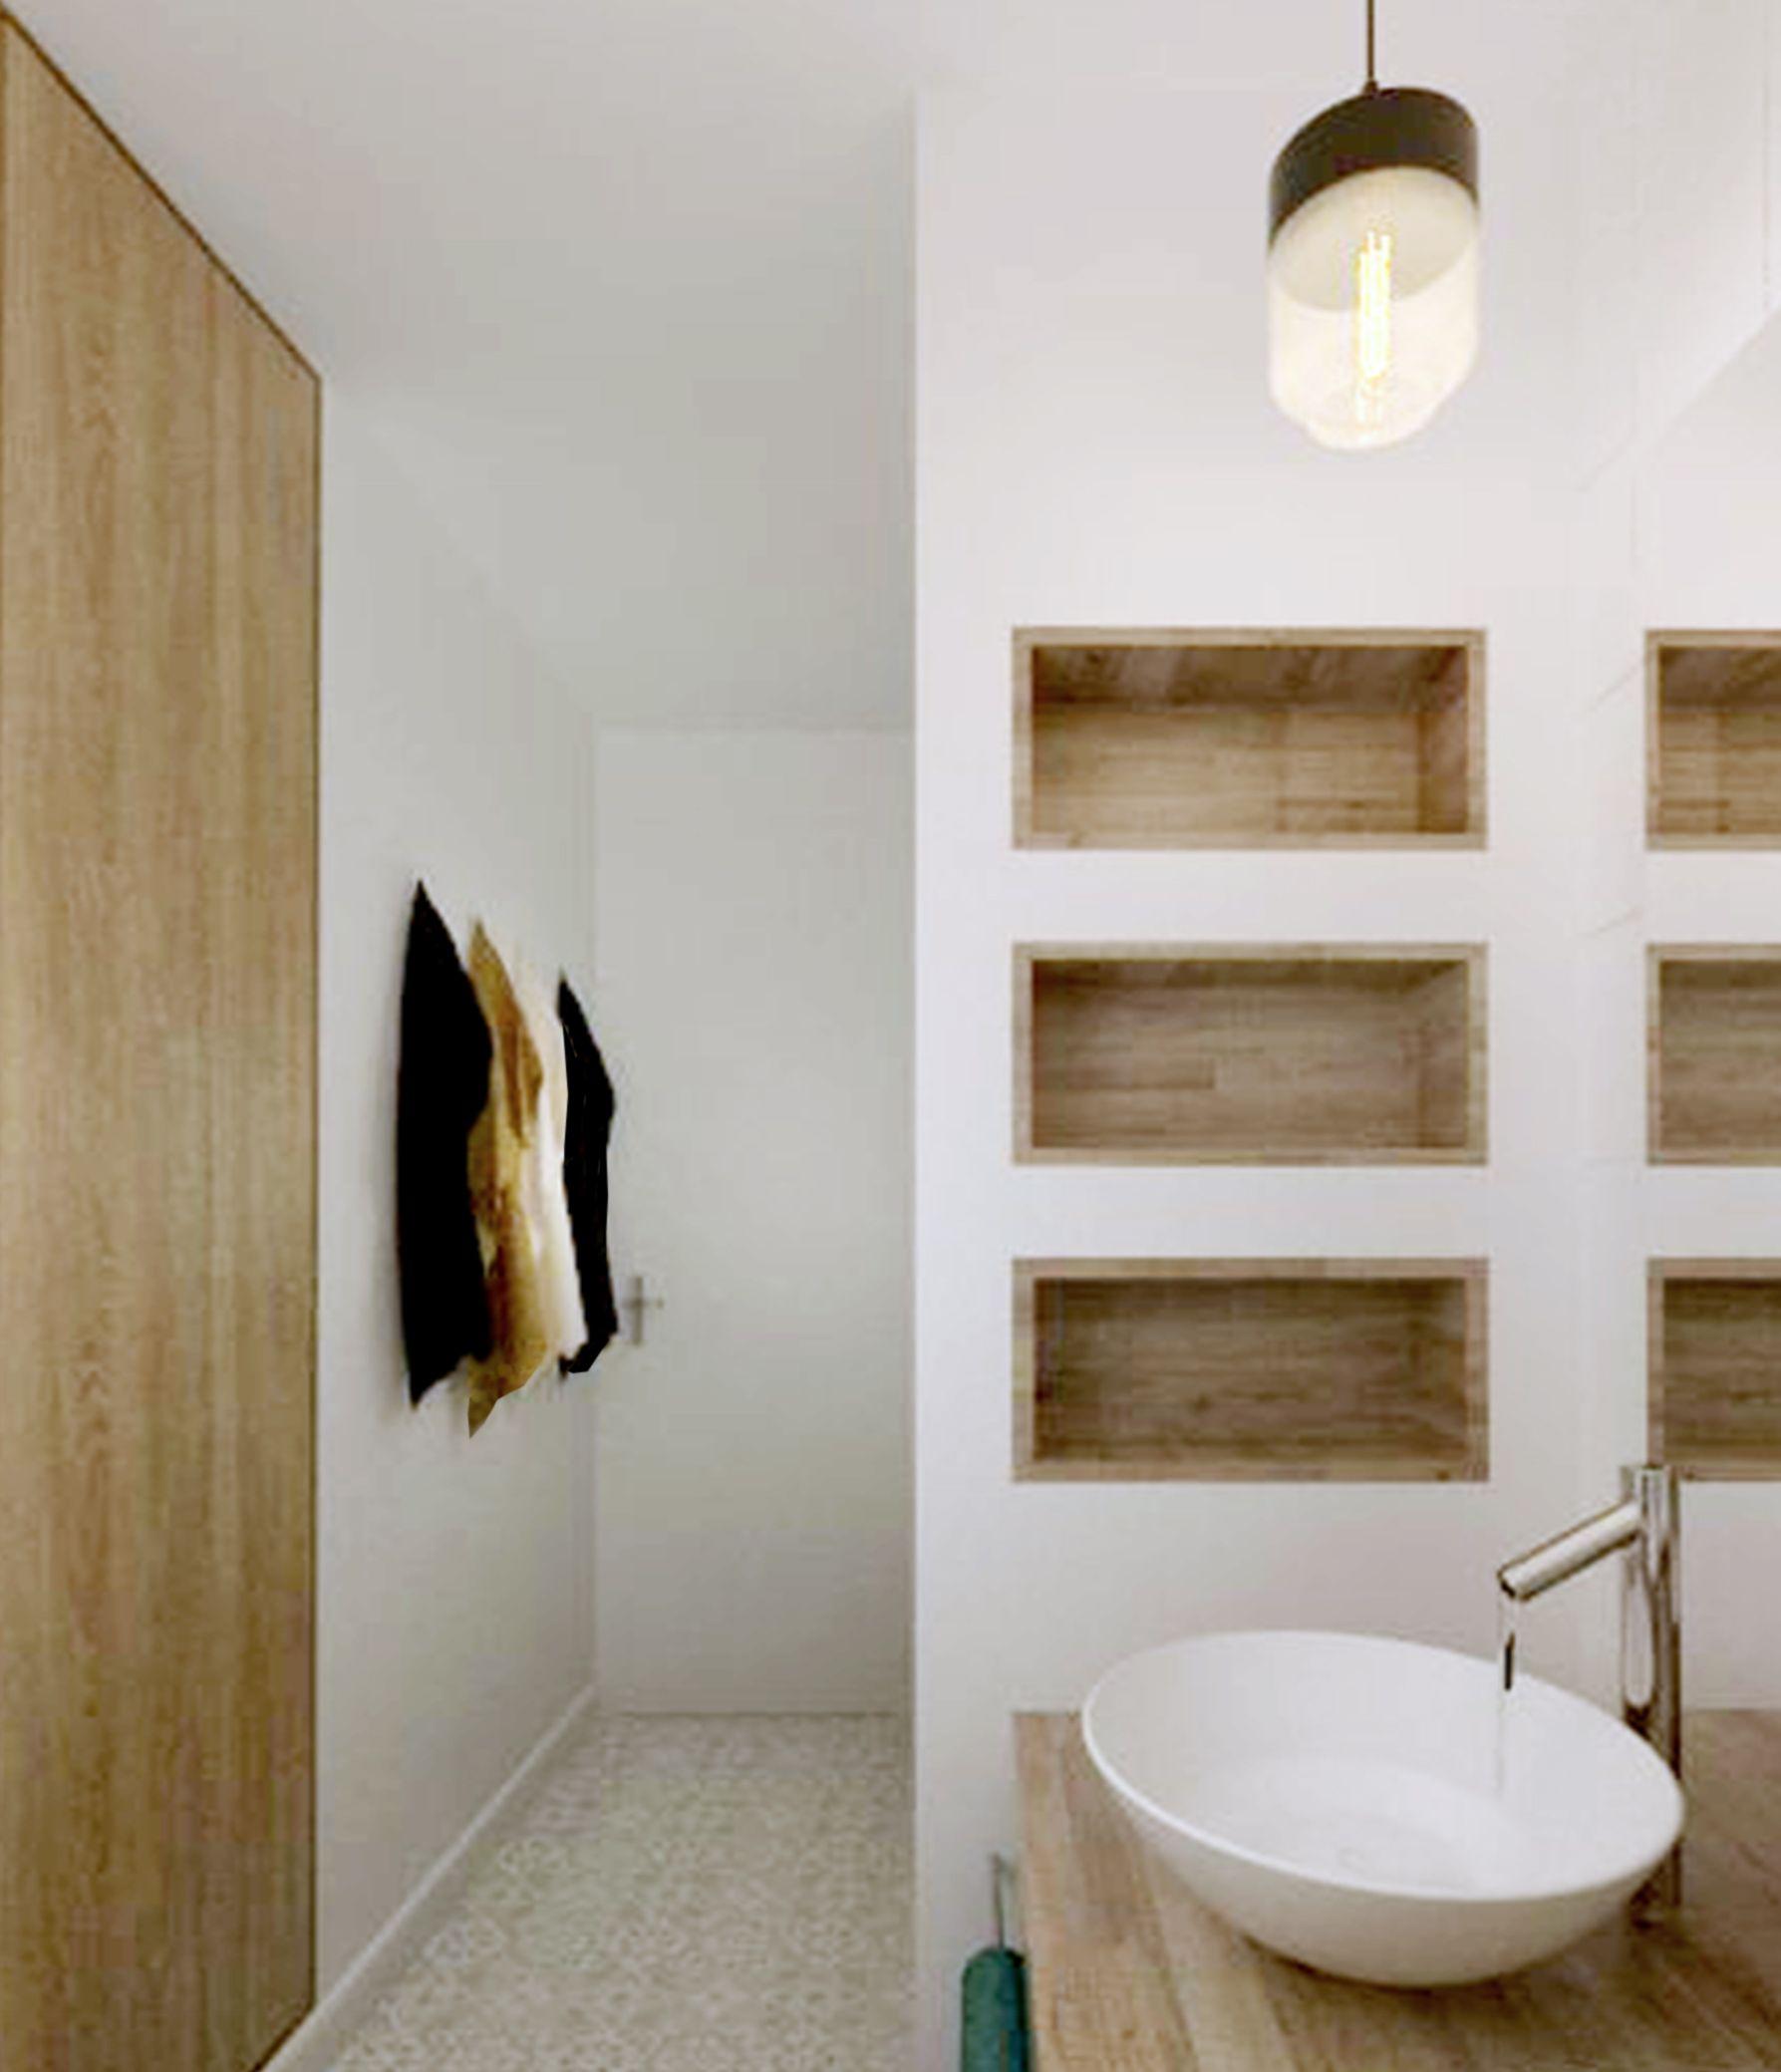 24+ Renover salle de bain pas cher ideas